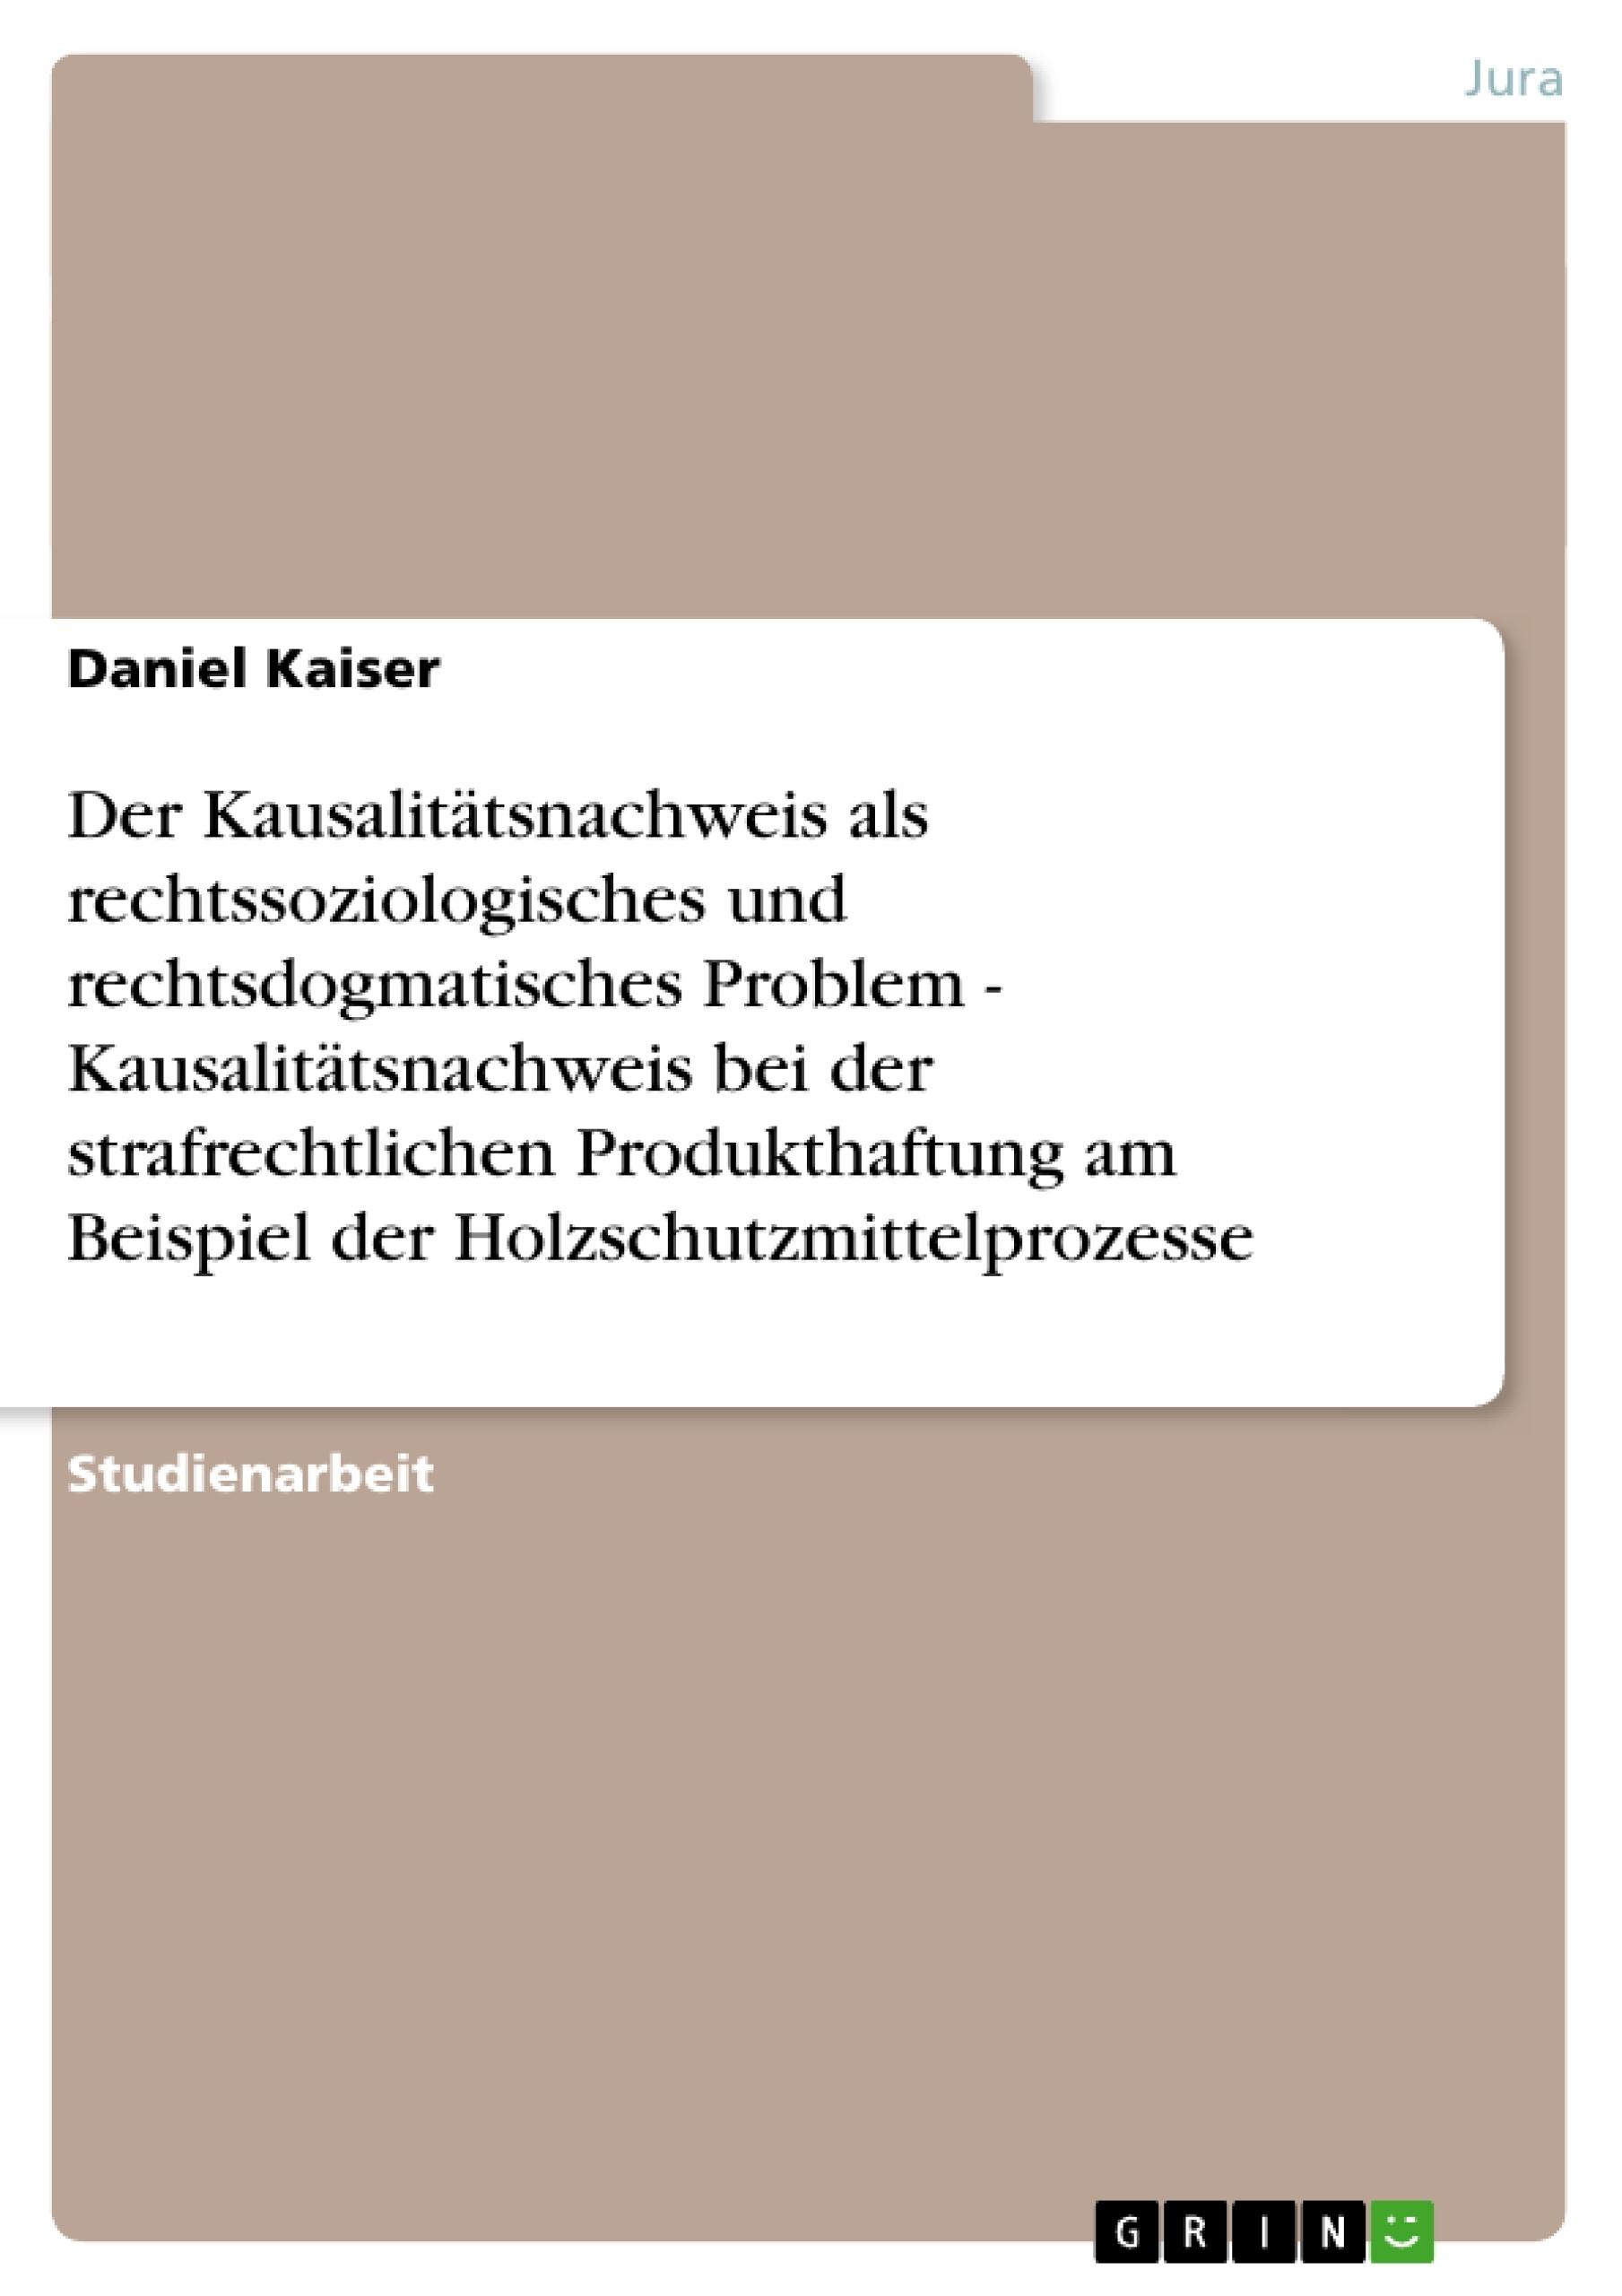 Titel: Der Kausalitätsnachweis als rechtssoziologisches und rechtsdogmatisches Problem - Kausalitätsnachweis bei der strafrechtlichen Produkthaftung am Beispiel der Holzschutzmittelprozesse